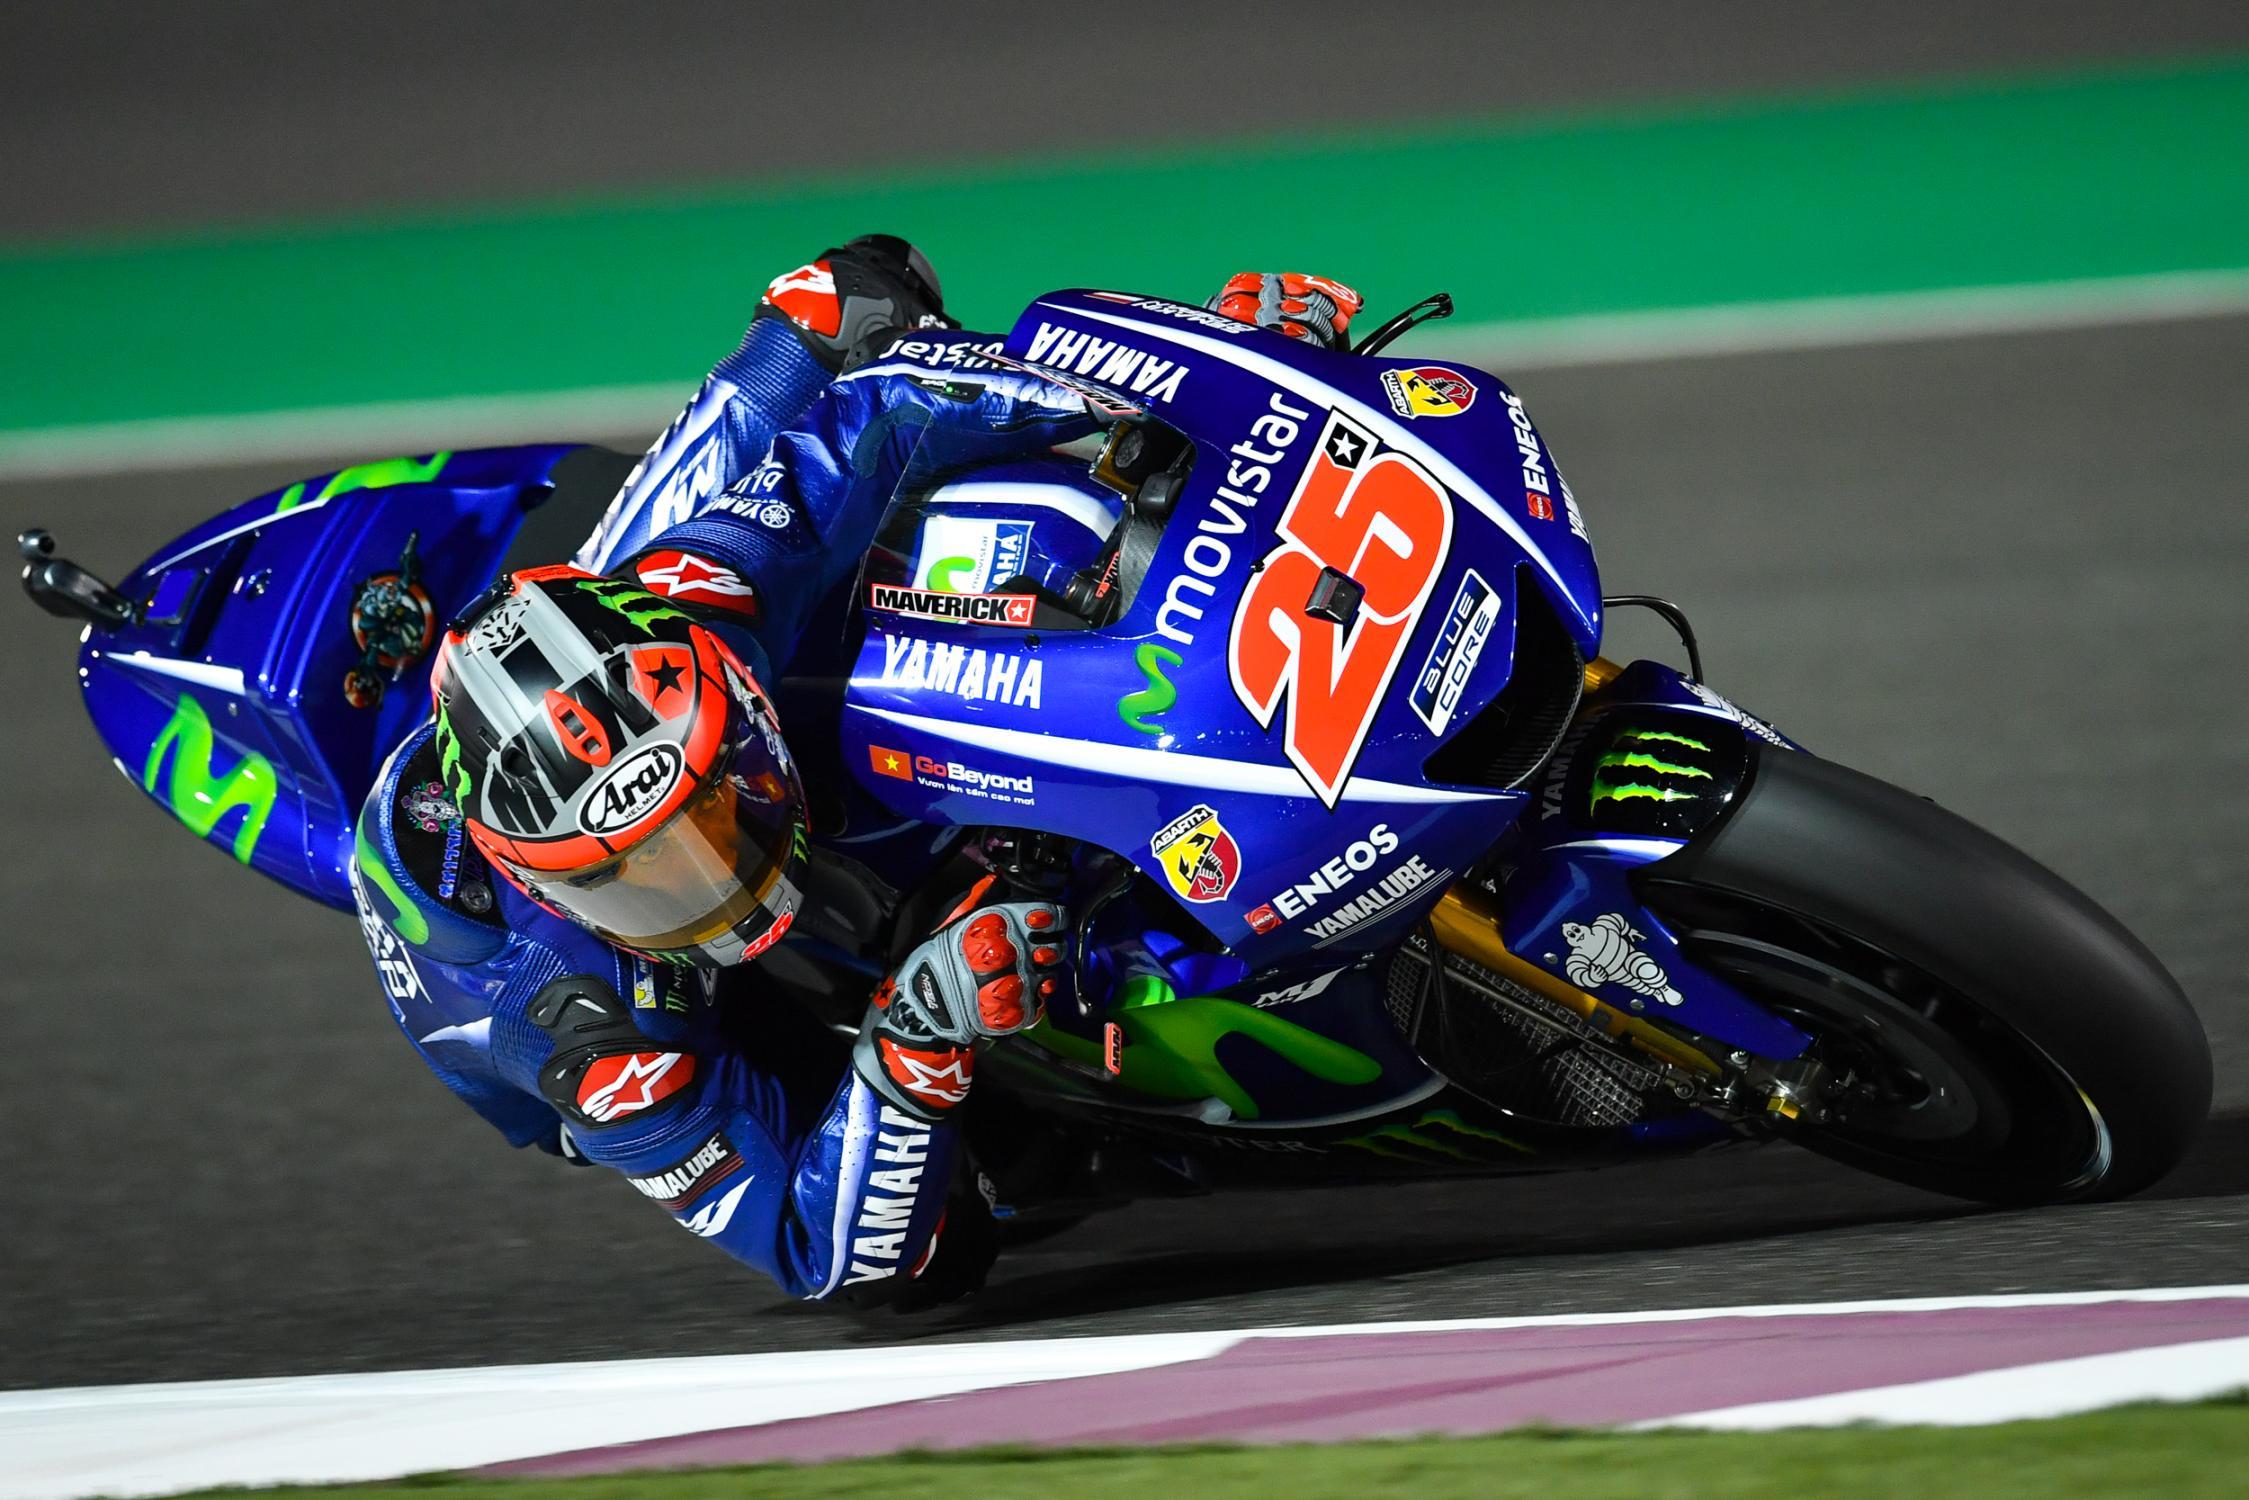 [MotoGP] Losail 25-maverick-vinales-esplg5_0553.gallery_full_top_fullscreen